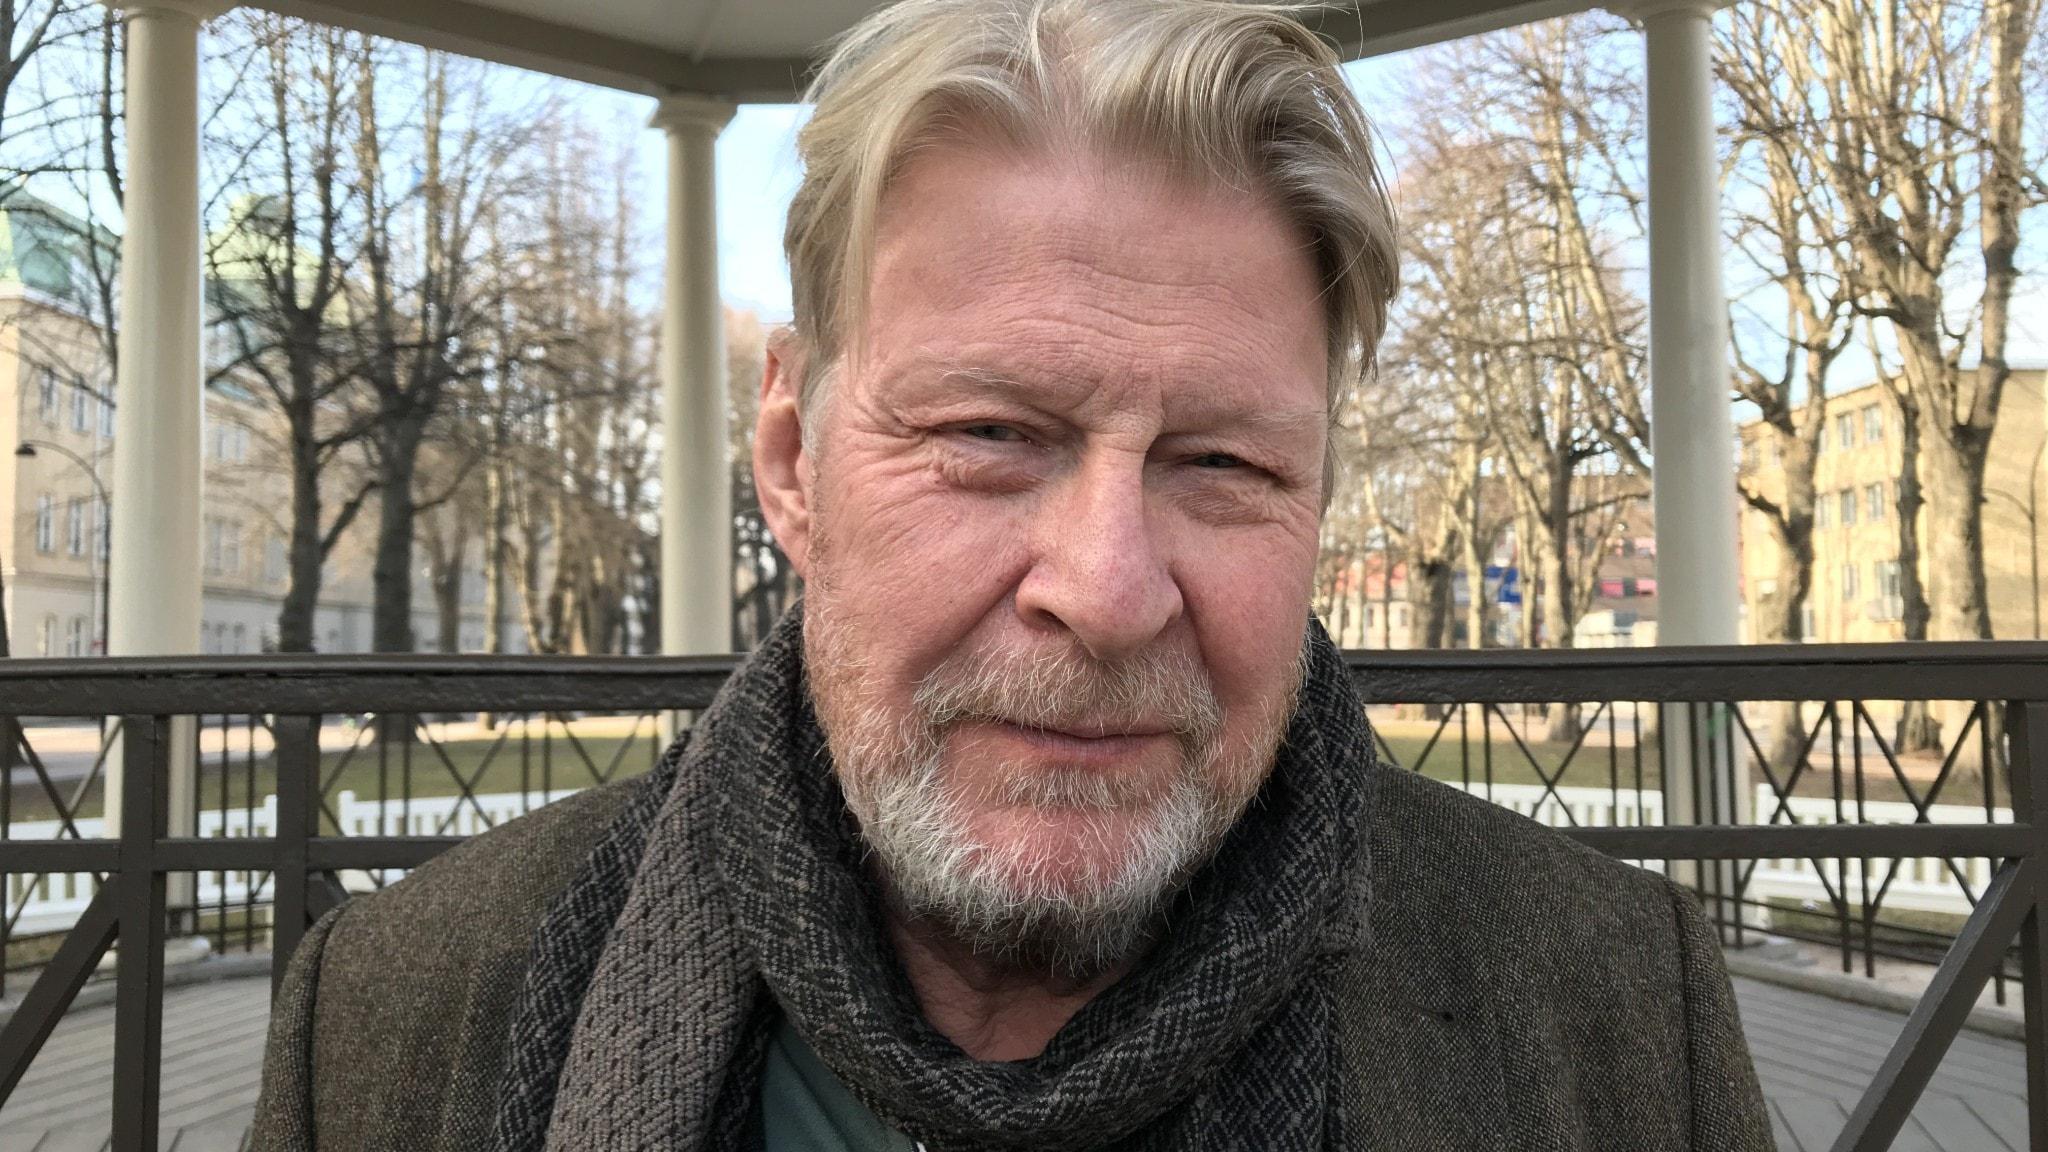 Rolf Lassgård läser Händelser vid vatten av Kerstin Ekman